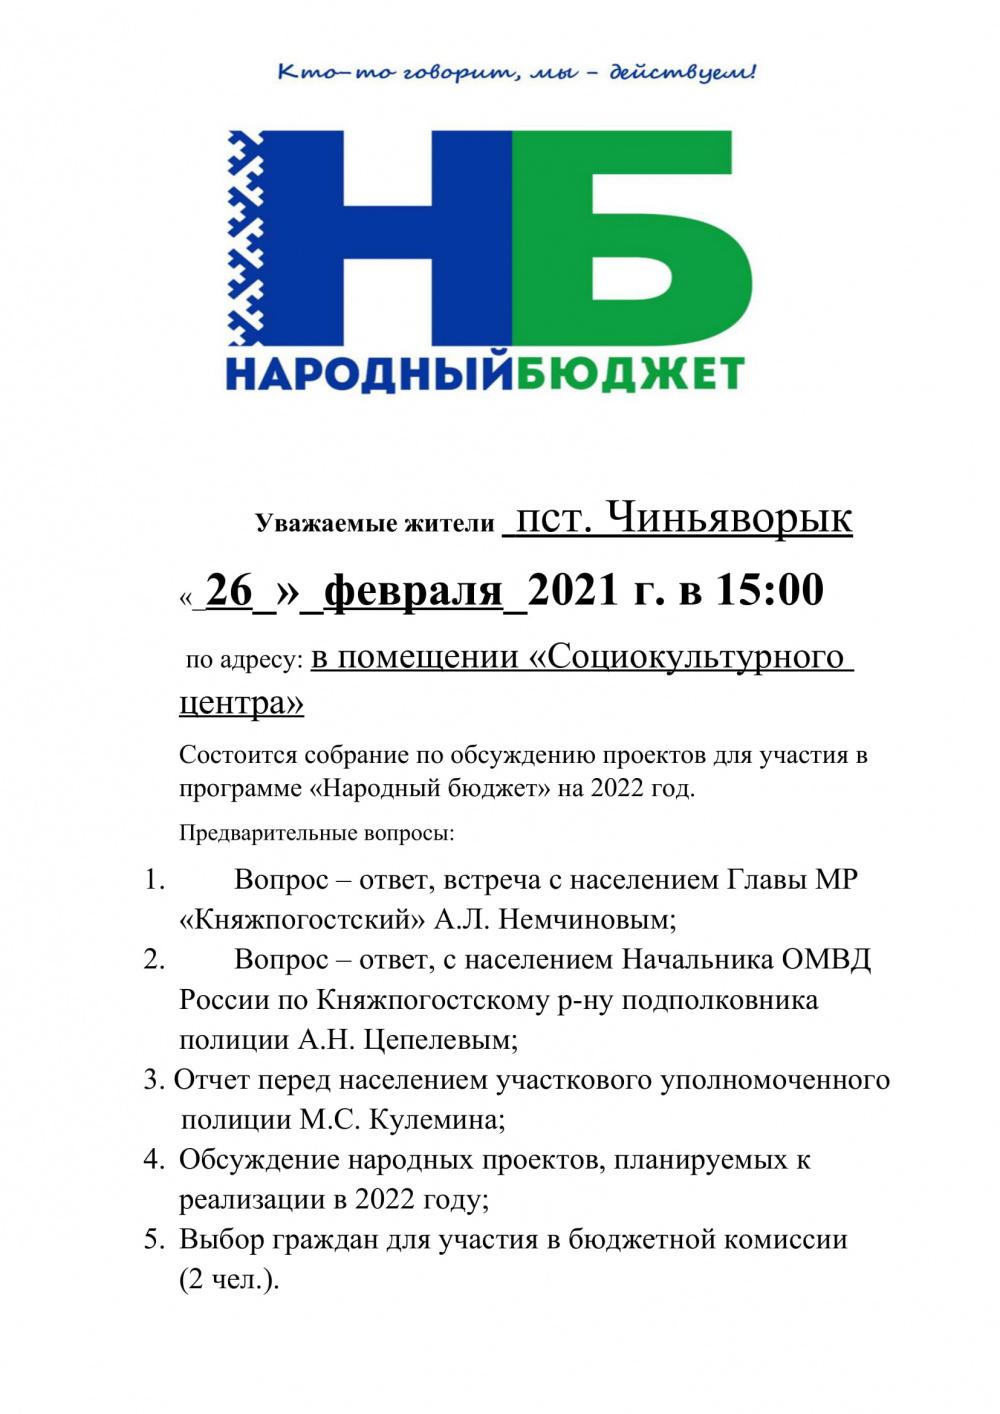 """Уважаемые жители п. Чиньяворык, 26 февраля 2021 года в 15:00, в помещении «Социокультурного центра» , состоится собрание по обсуждению проектов для участия в программе """"Народный Бюджет"""" на 2022 год!"""